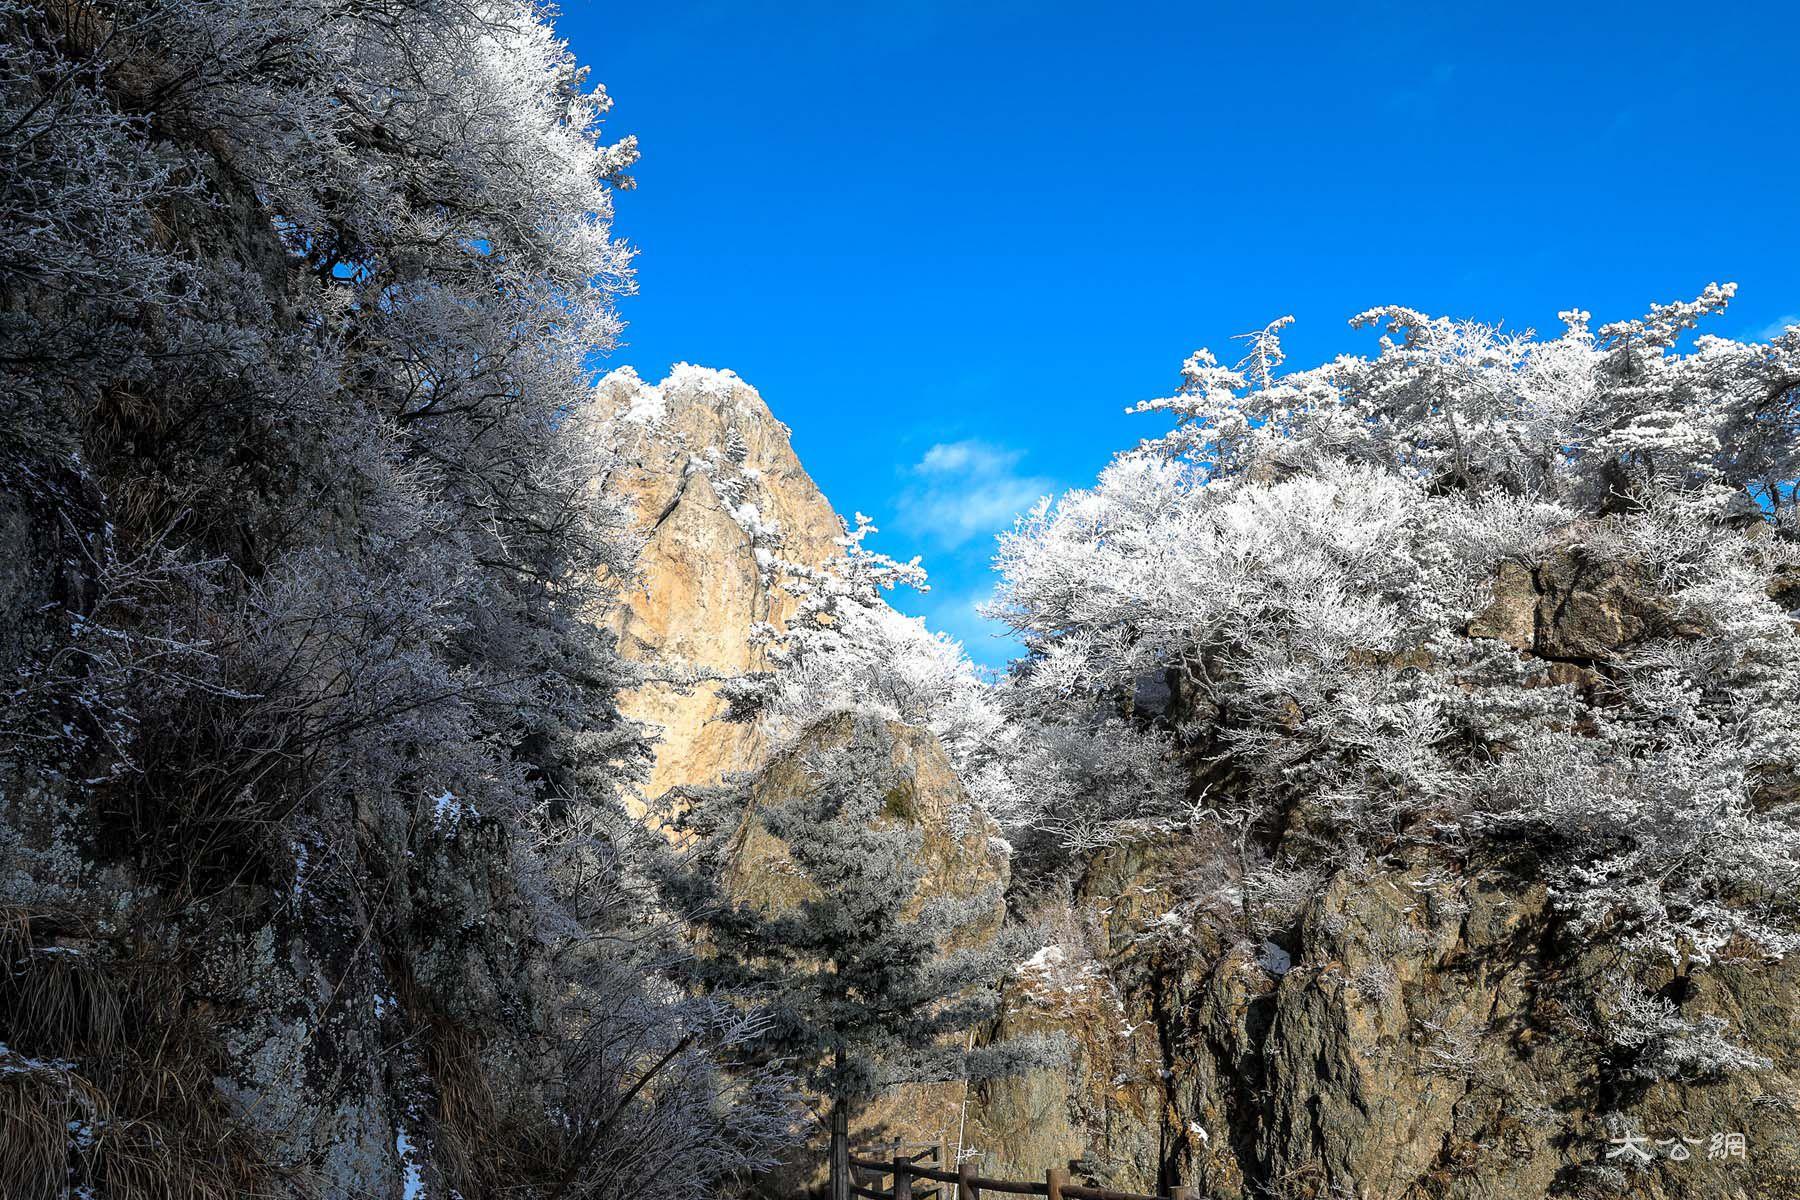 冬日老君山如仙境讓人流連忘返  位於河南省洛陽市欒川縣城東南的老君山,是中國北方道教信眾拜謁聖地,中原山水文化傑出代表。冬季的老君山,是